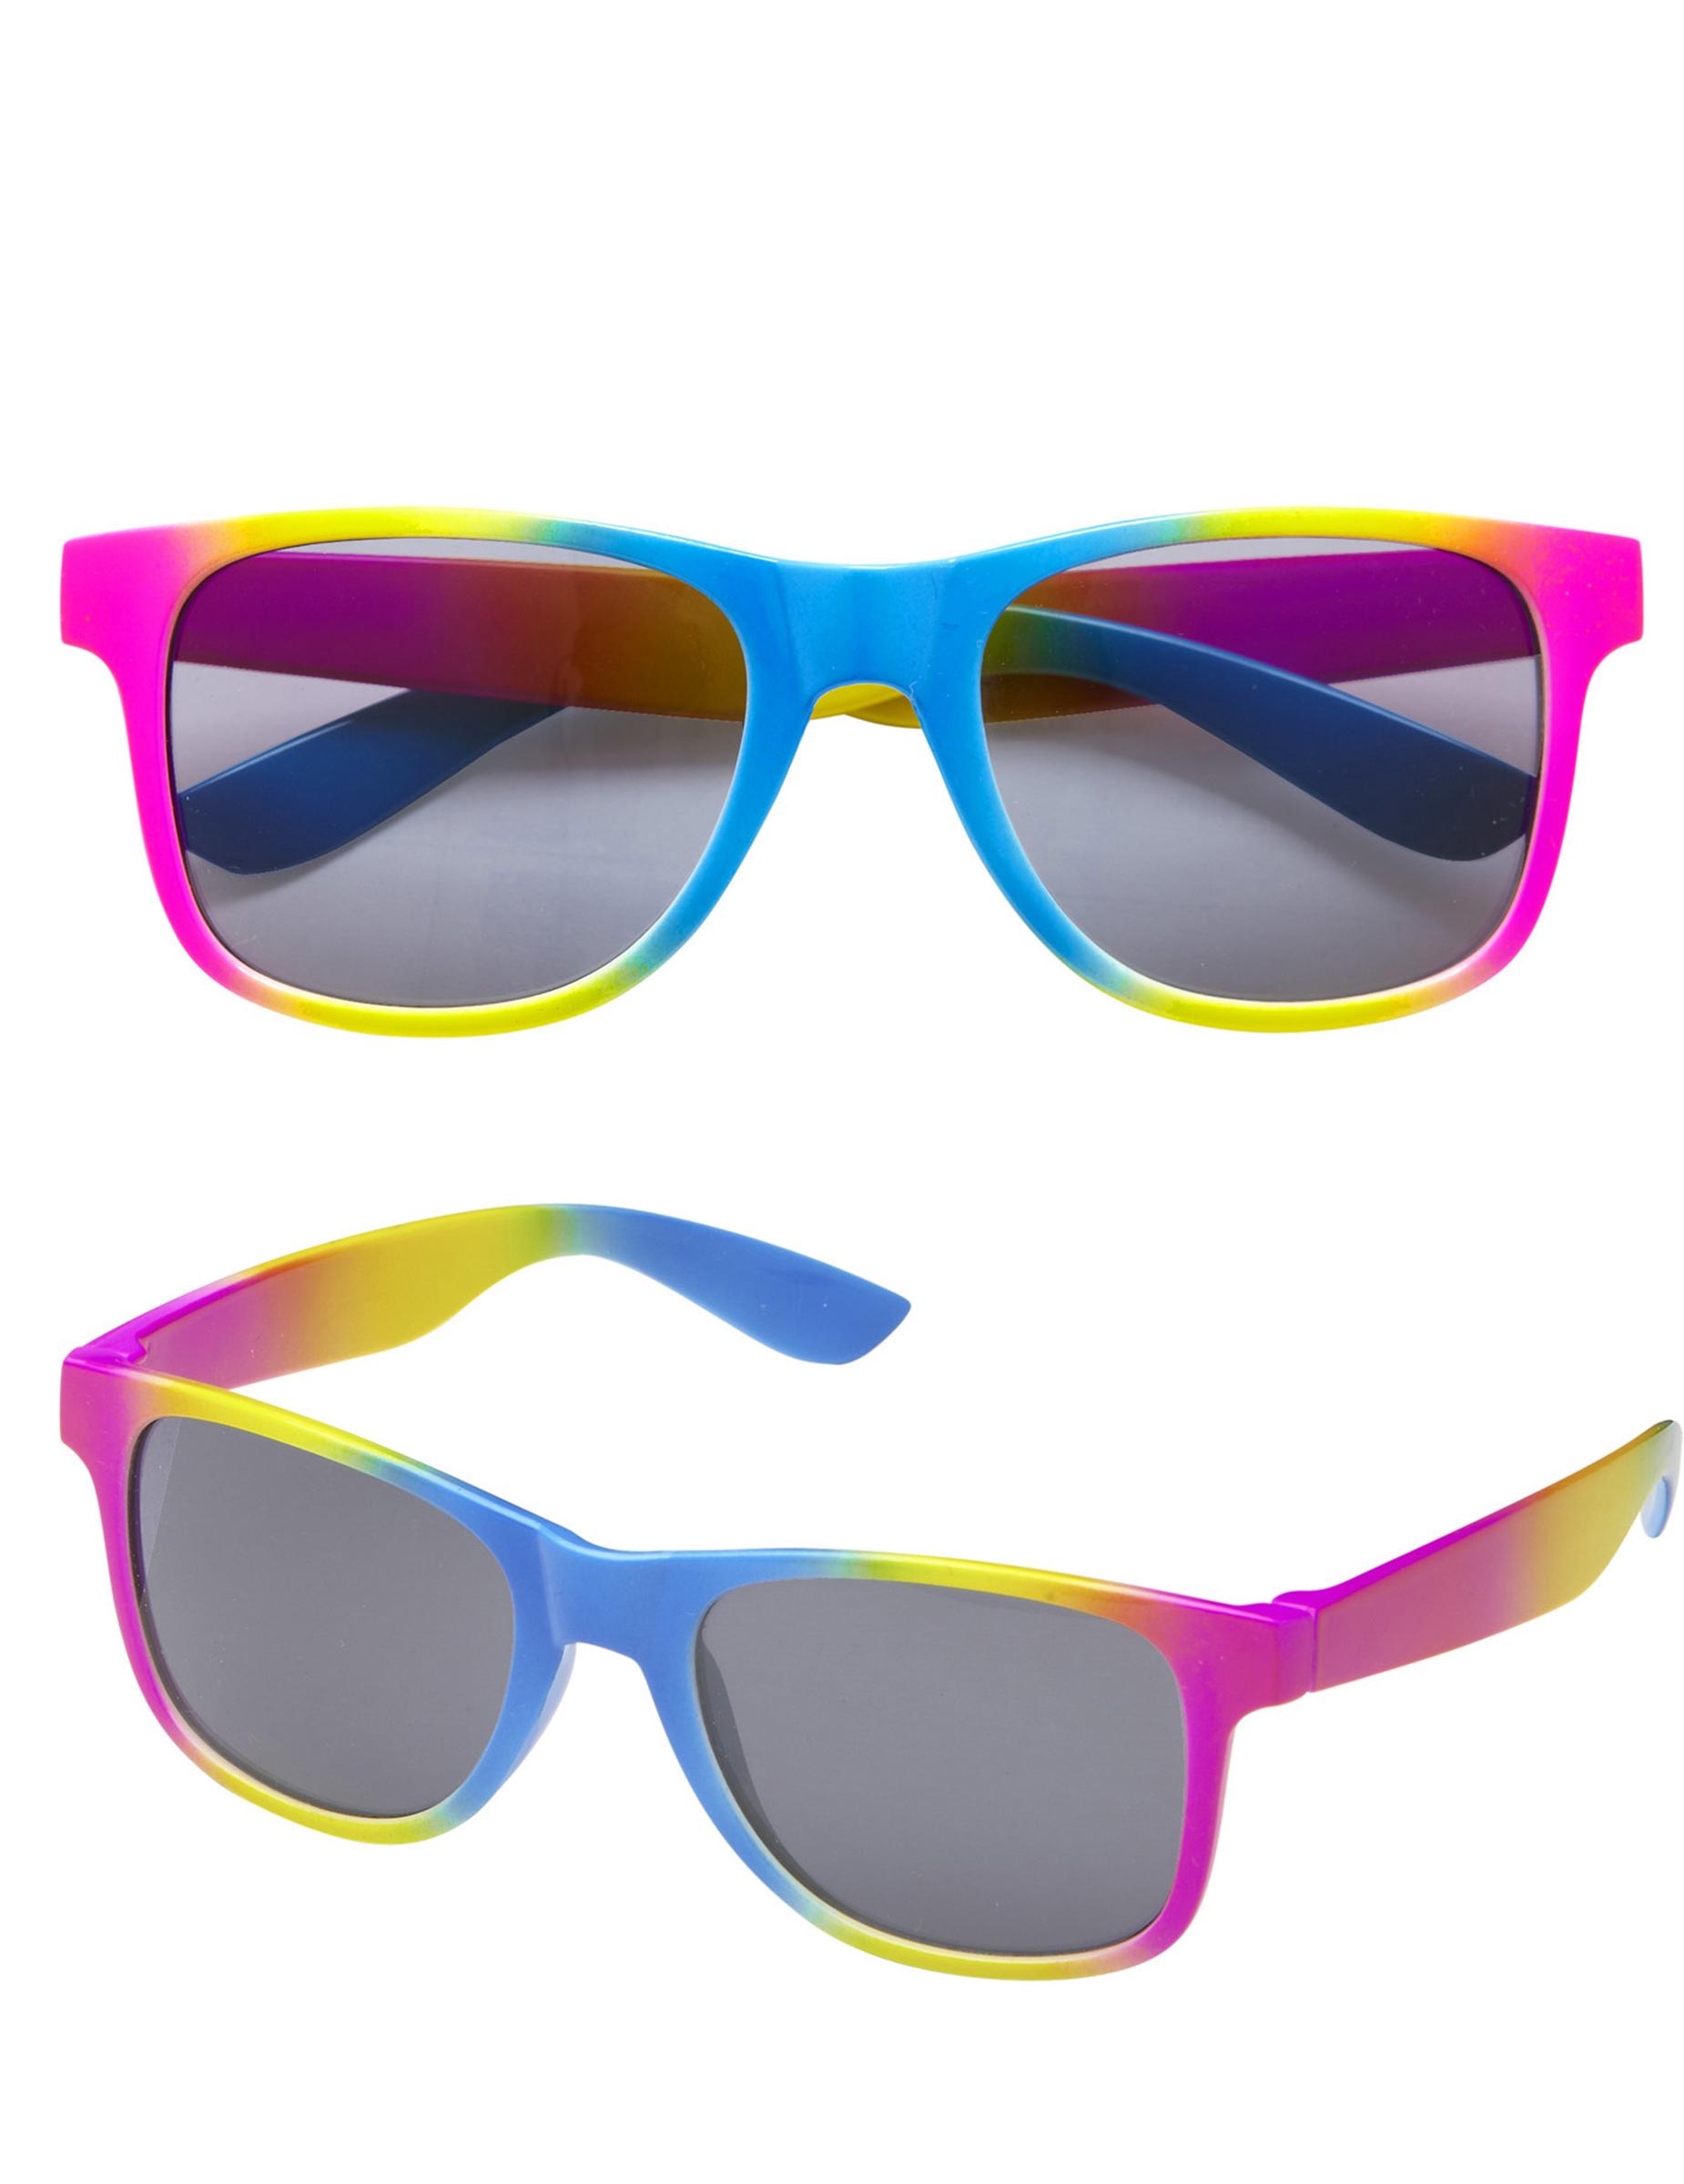 e7ada118bda597 Lunettes multicolores aux verres noirs adulte   Deguise-toi, achat ...